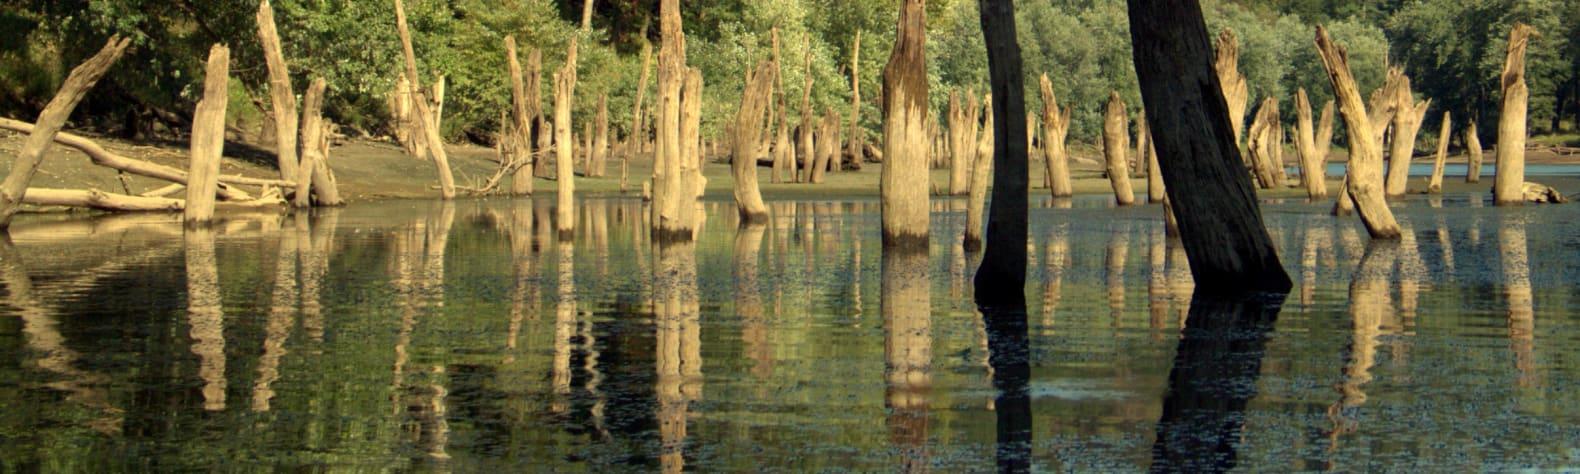 Mahoning Creek Lake